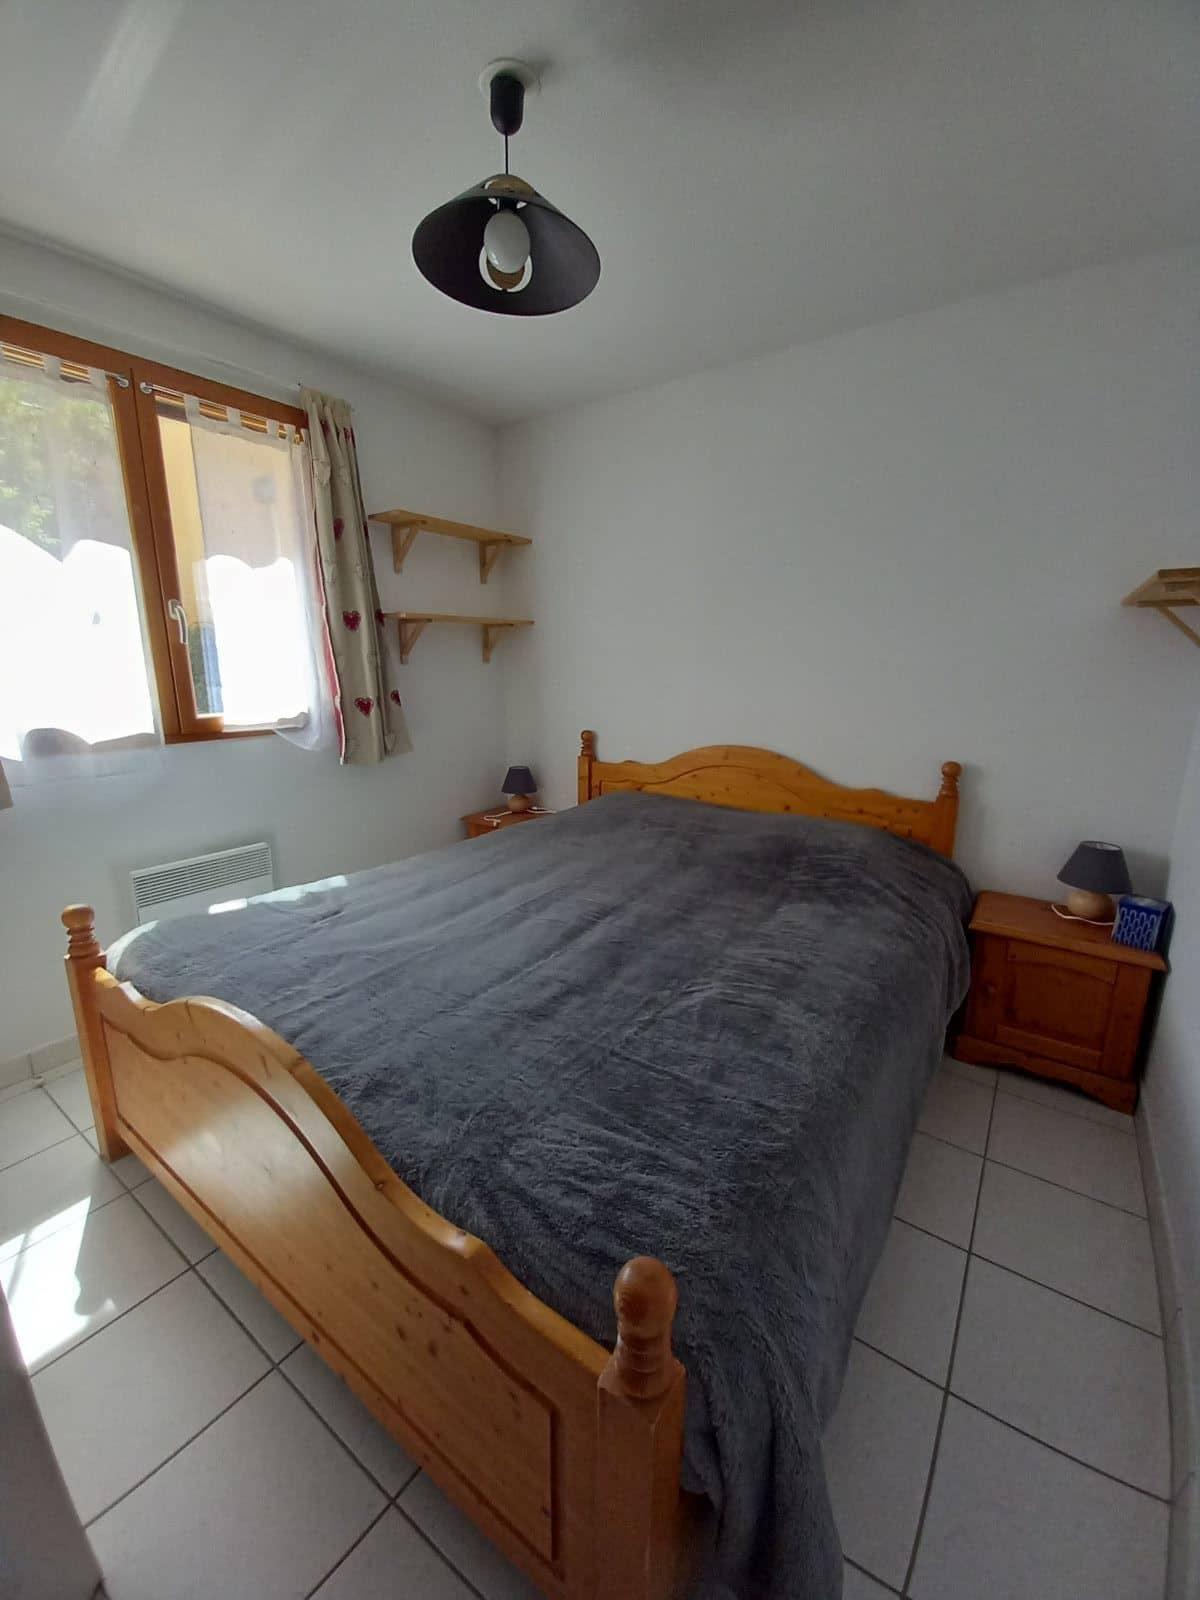 20210705 112521 - SAINT-LEGER-LES-MELEZES T2 DE 42 m² (4 COUCHAGES) AVEC JARDIN